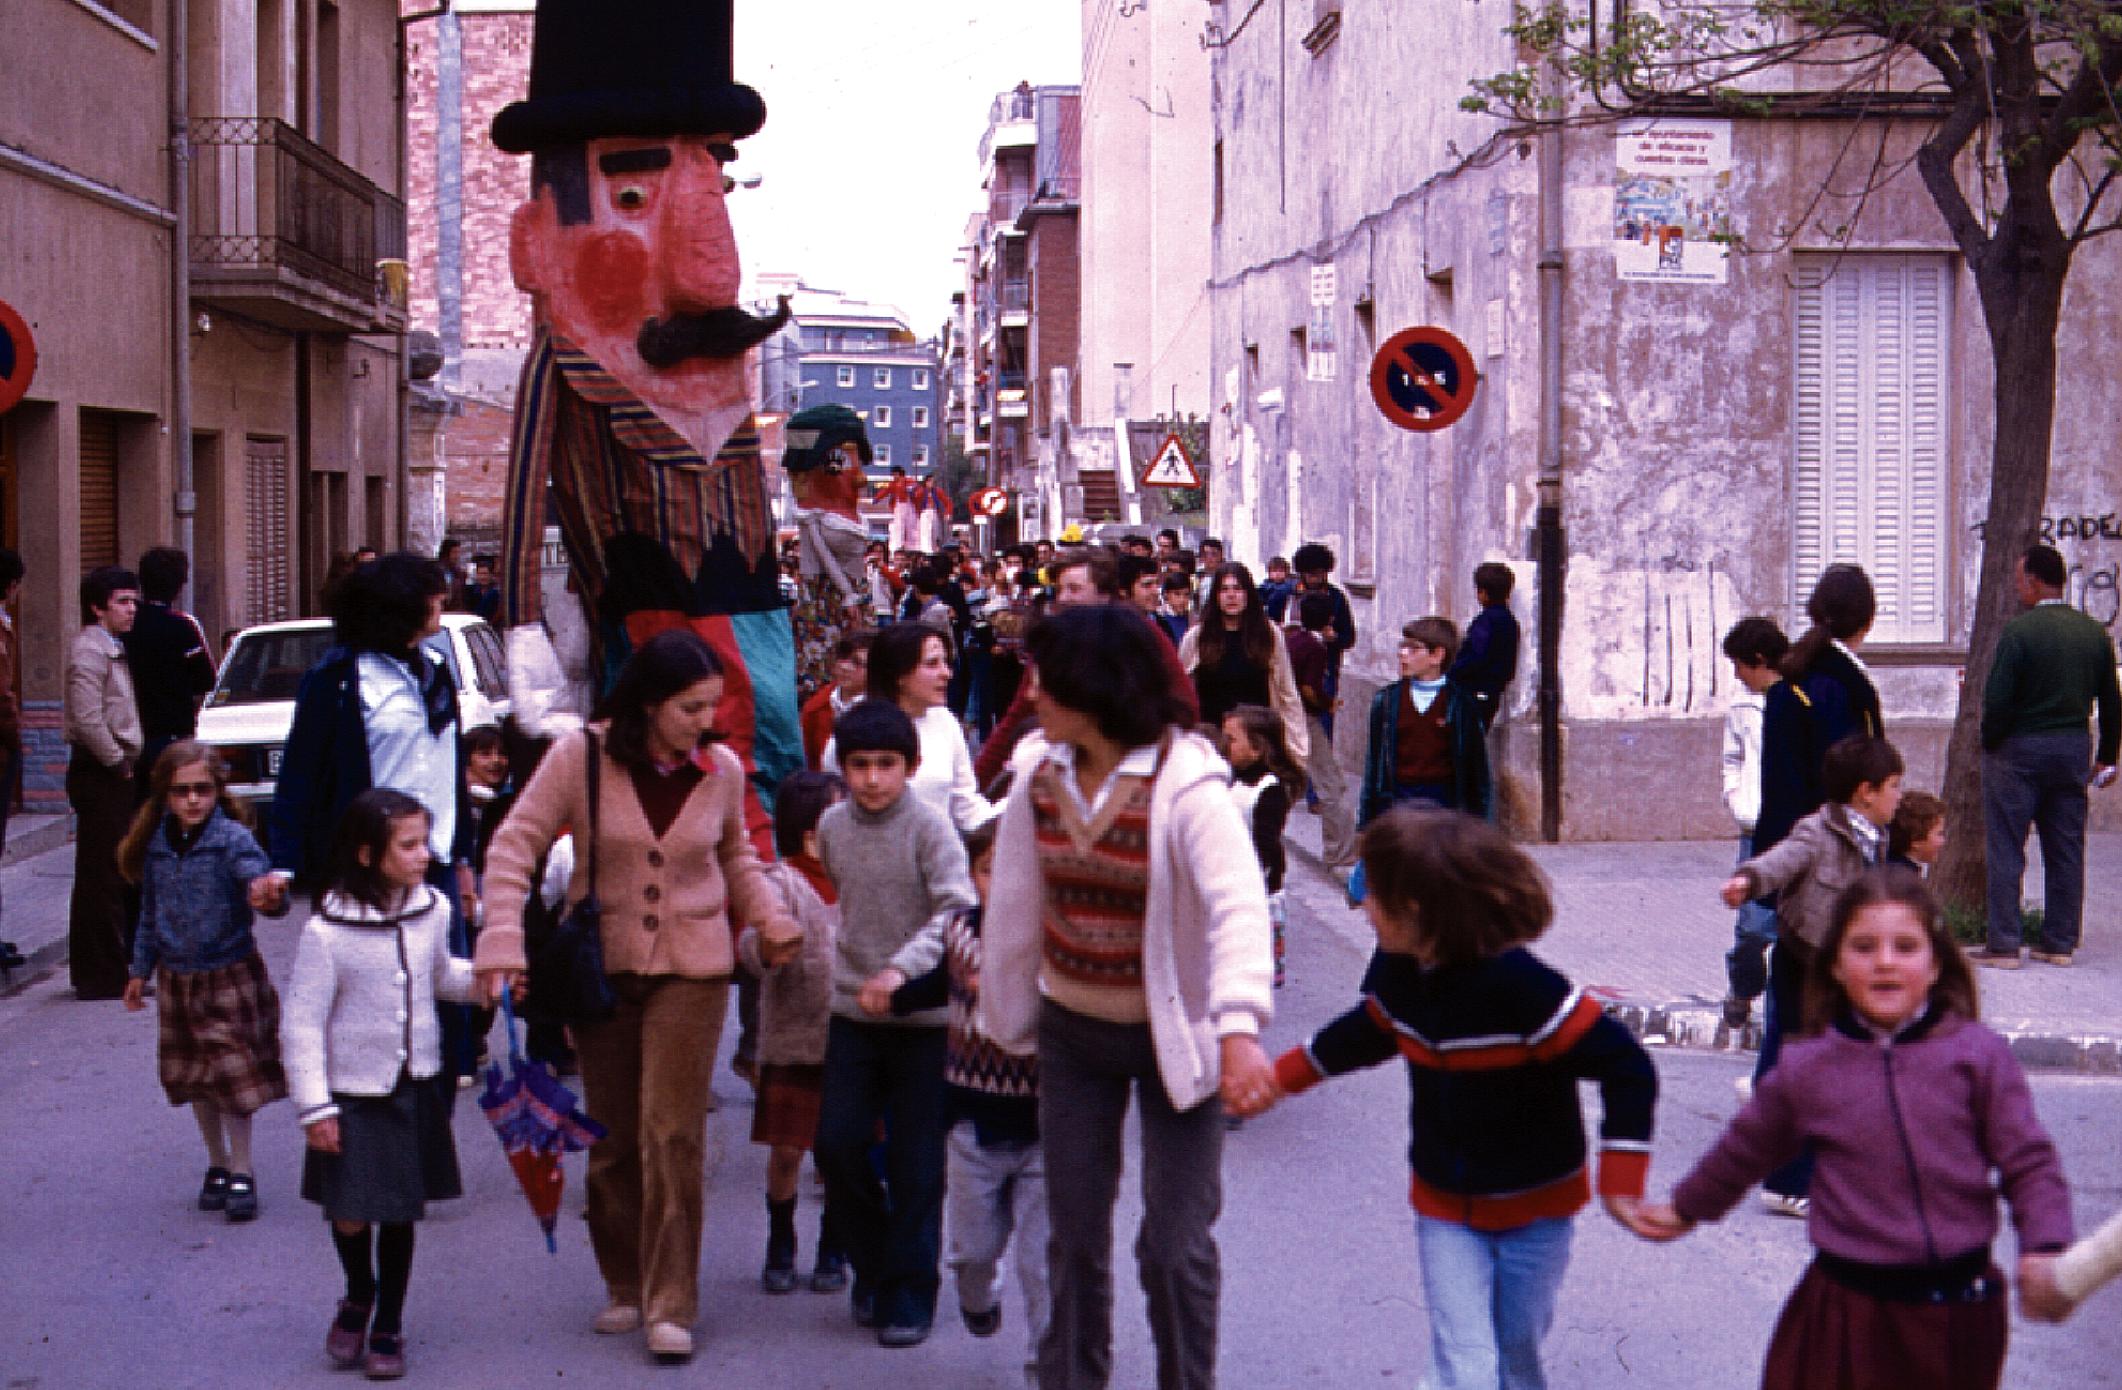 La canalla, part important de les festes populars. Autor: Pepe Urbano